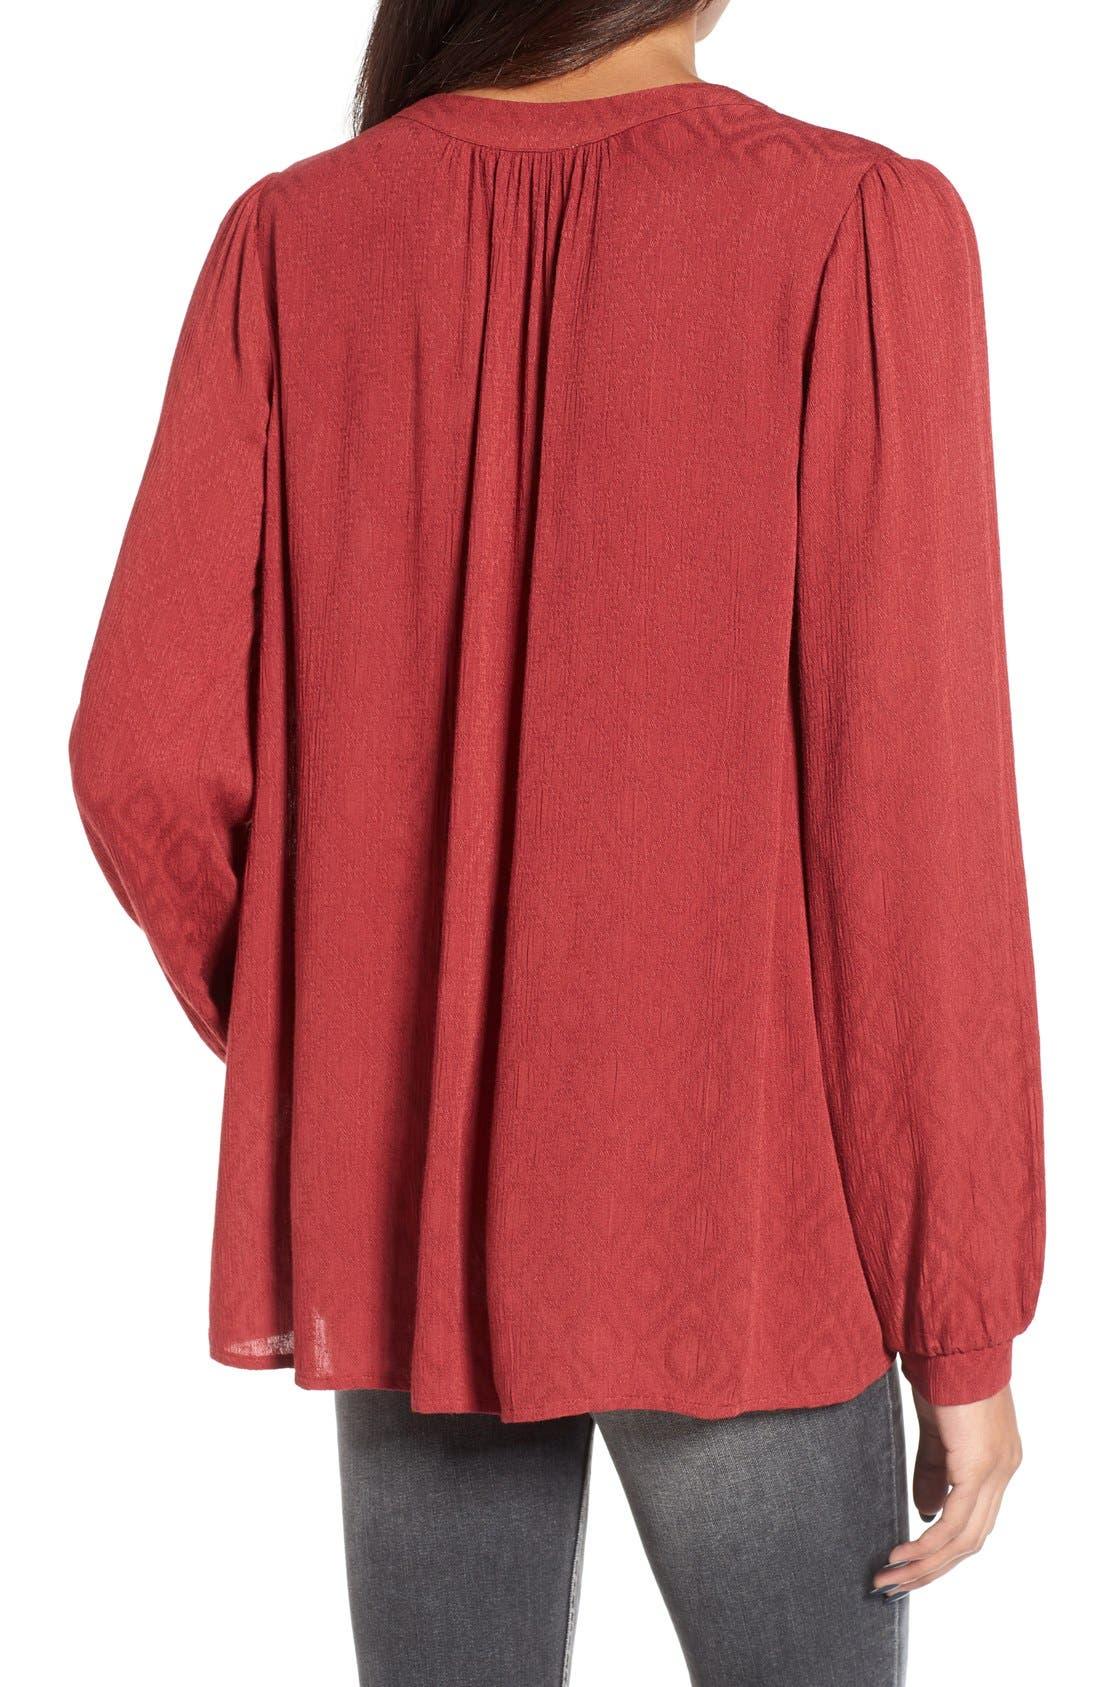 Alternate Image 2  - Lush Textured V-Neck Blouse